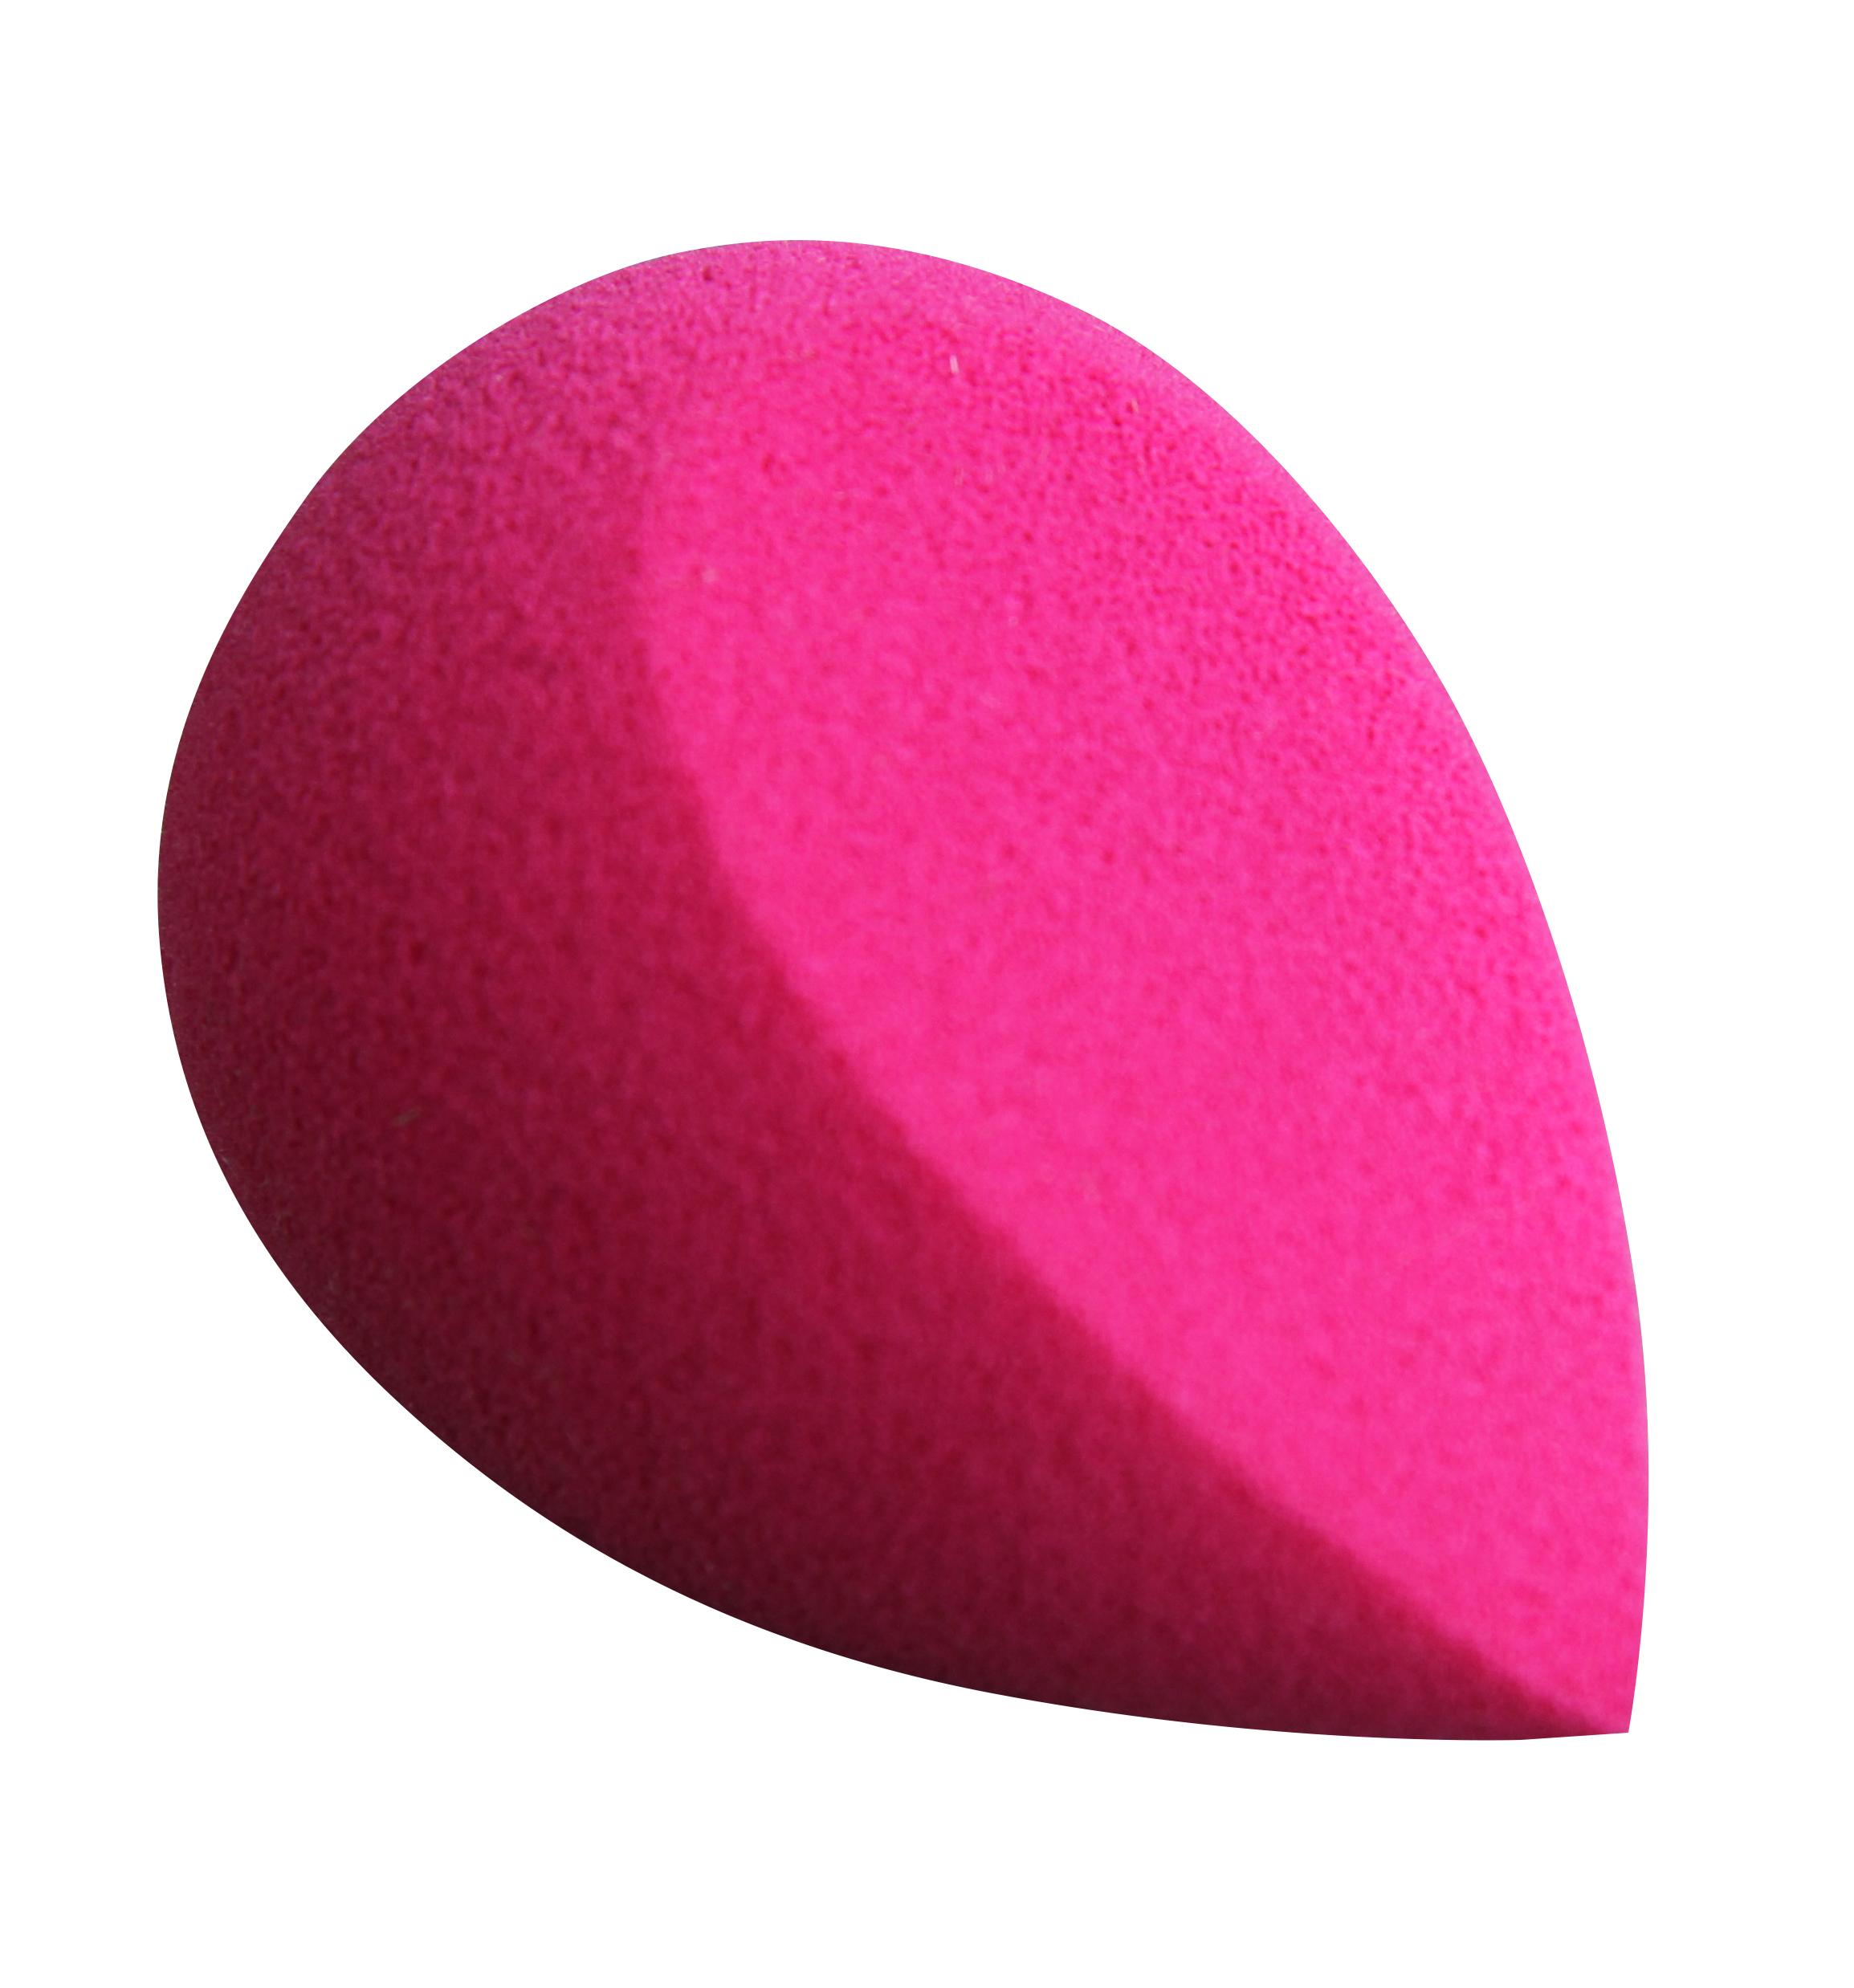 Estetika Спонж для макияжа 4 в 1 спонж для макияжа цвета черный